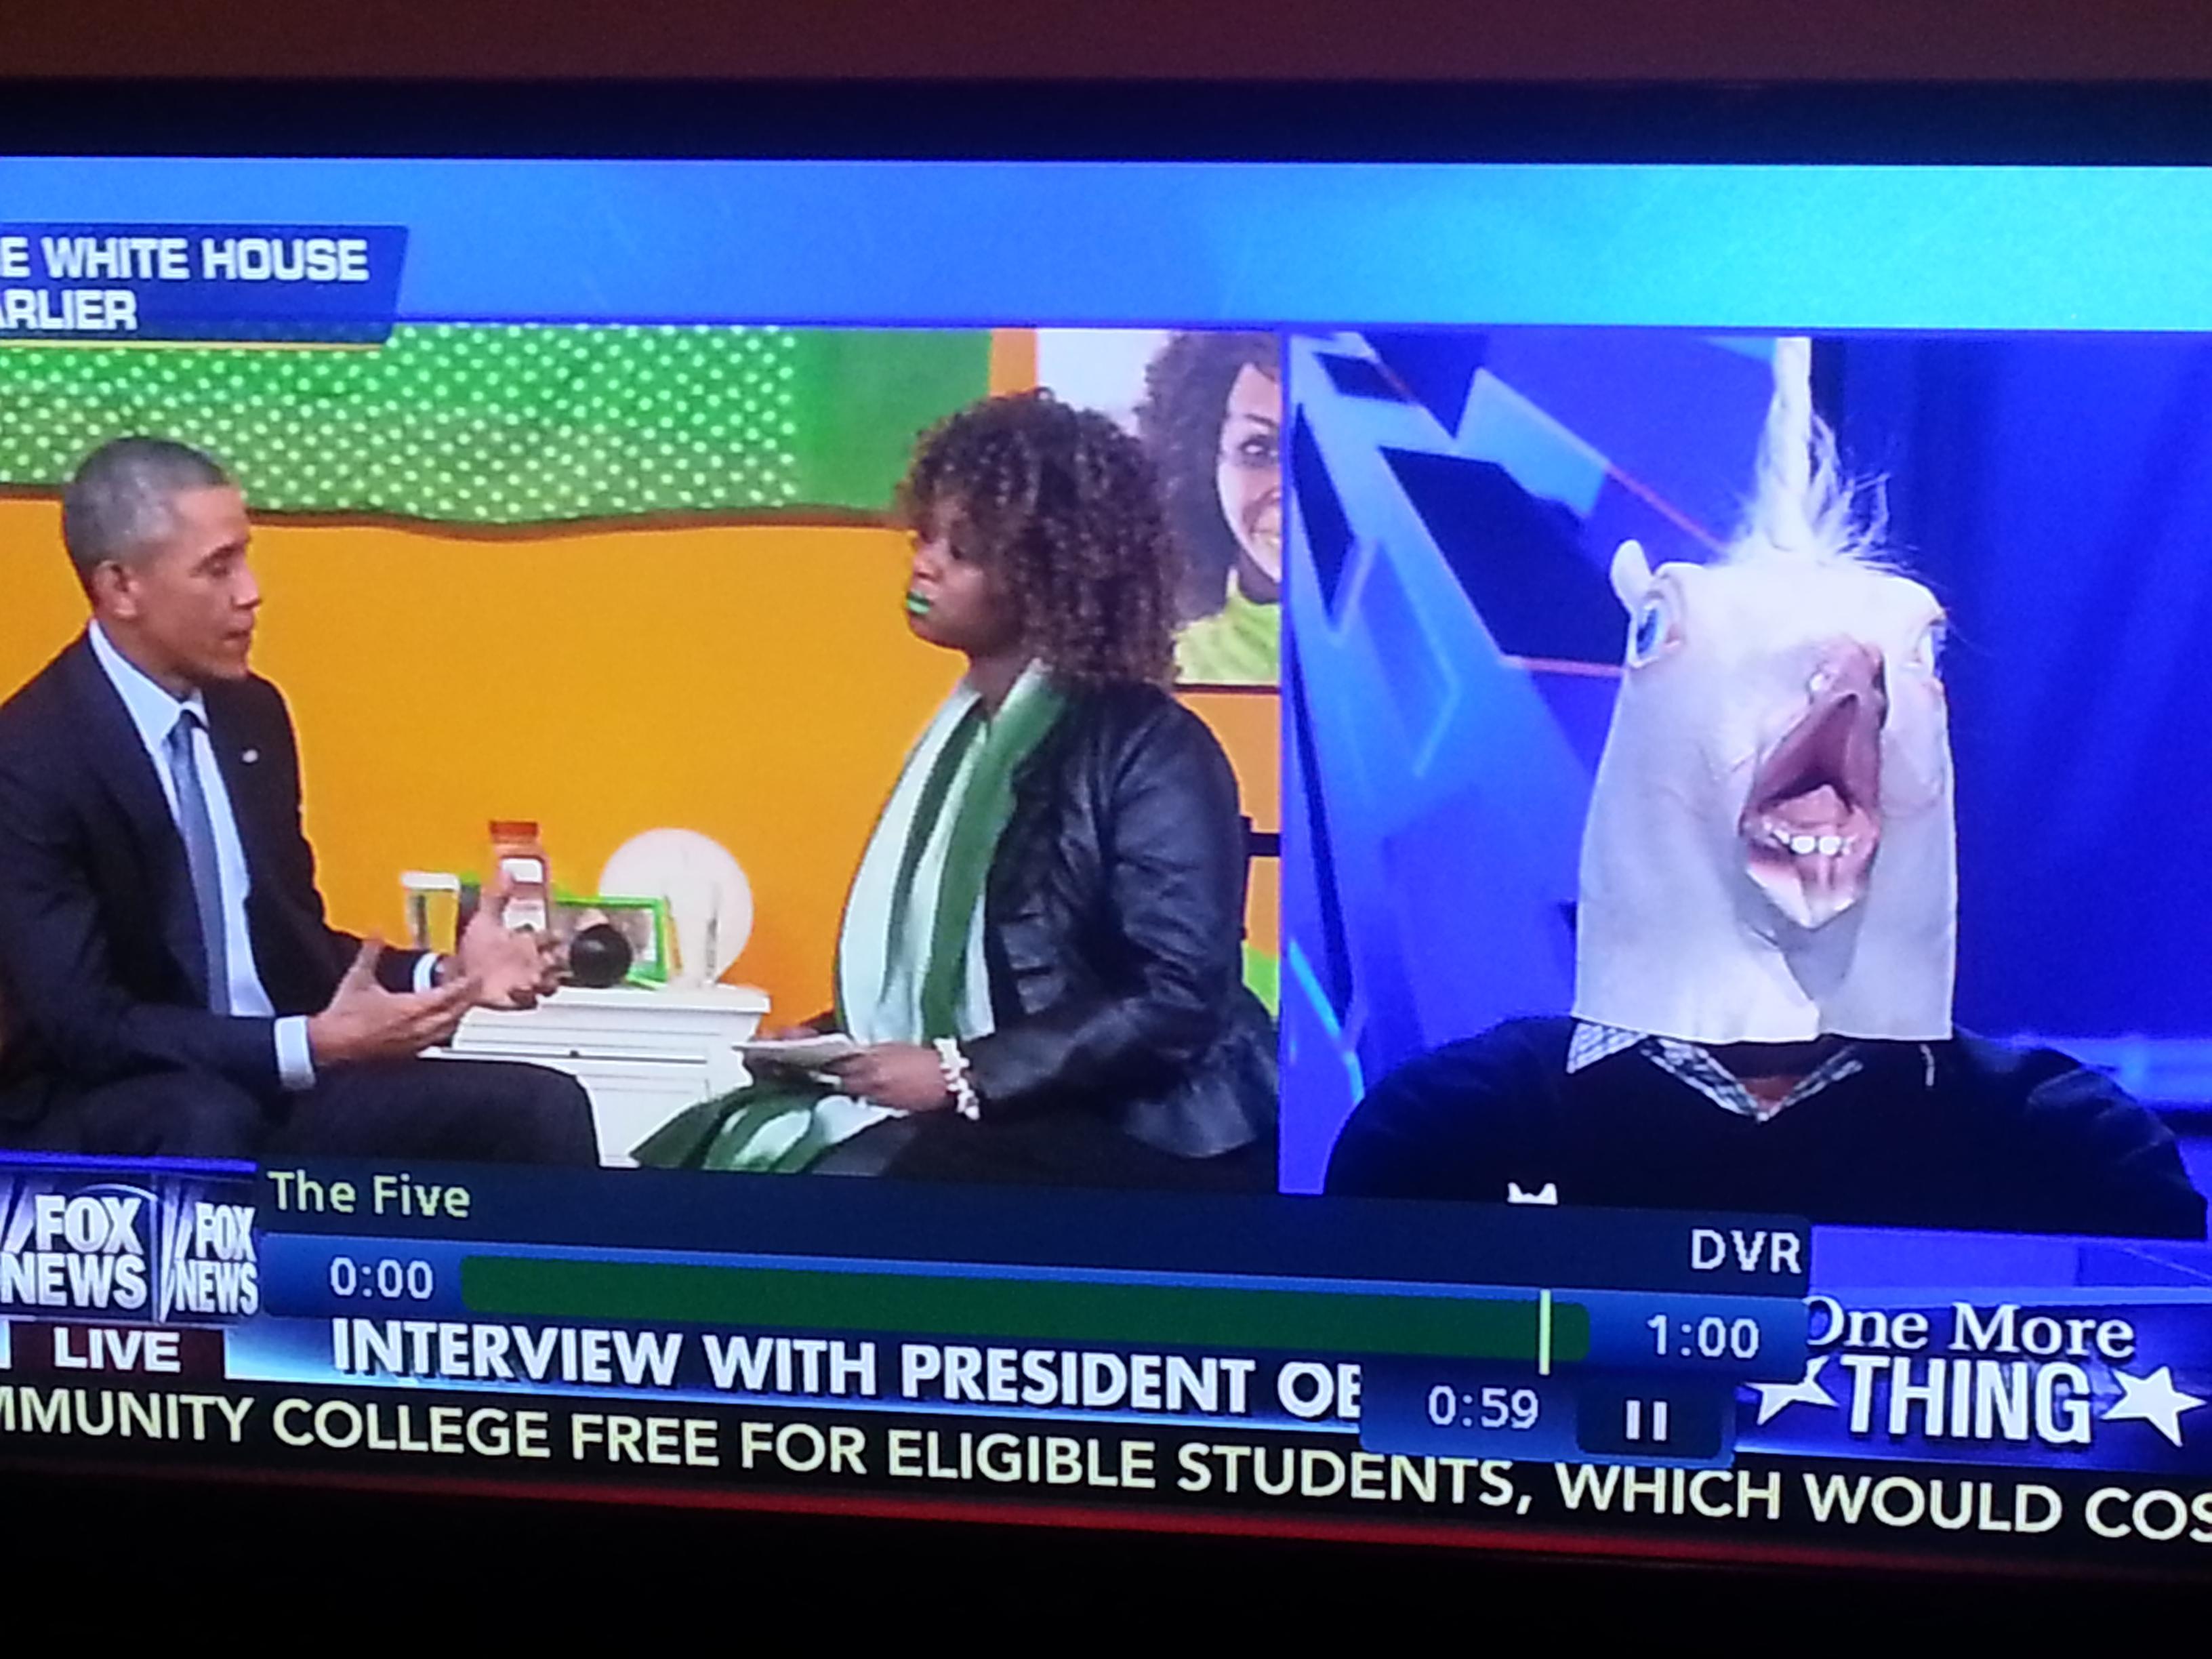 C Fox News